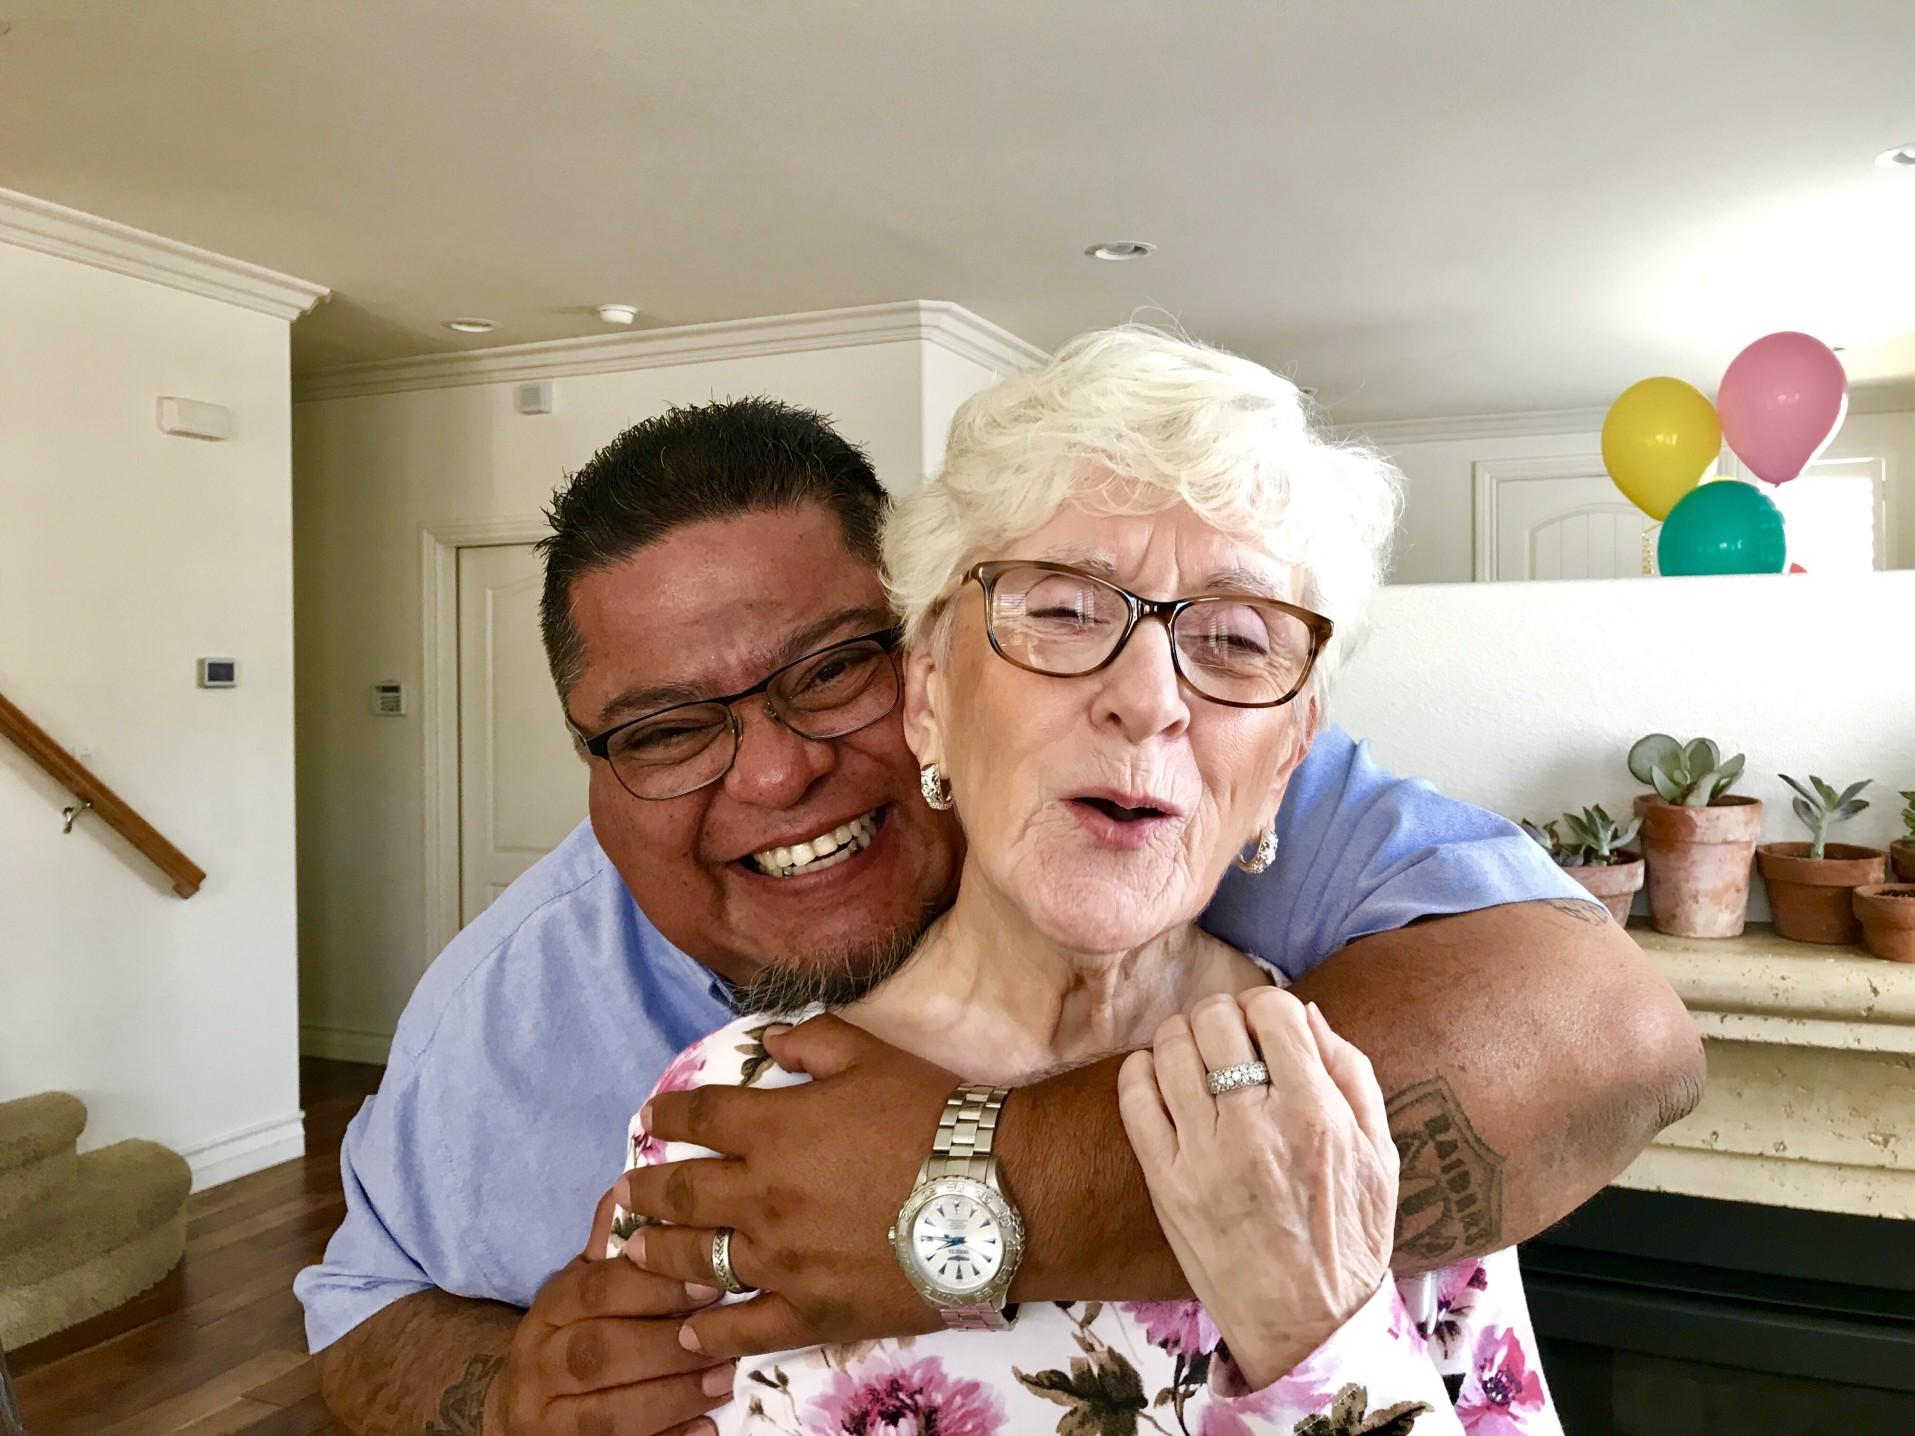 man-hugging-smiling-senior-woman